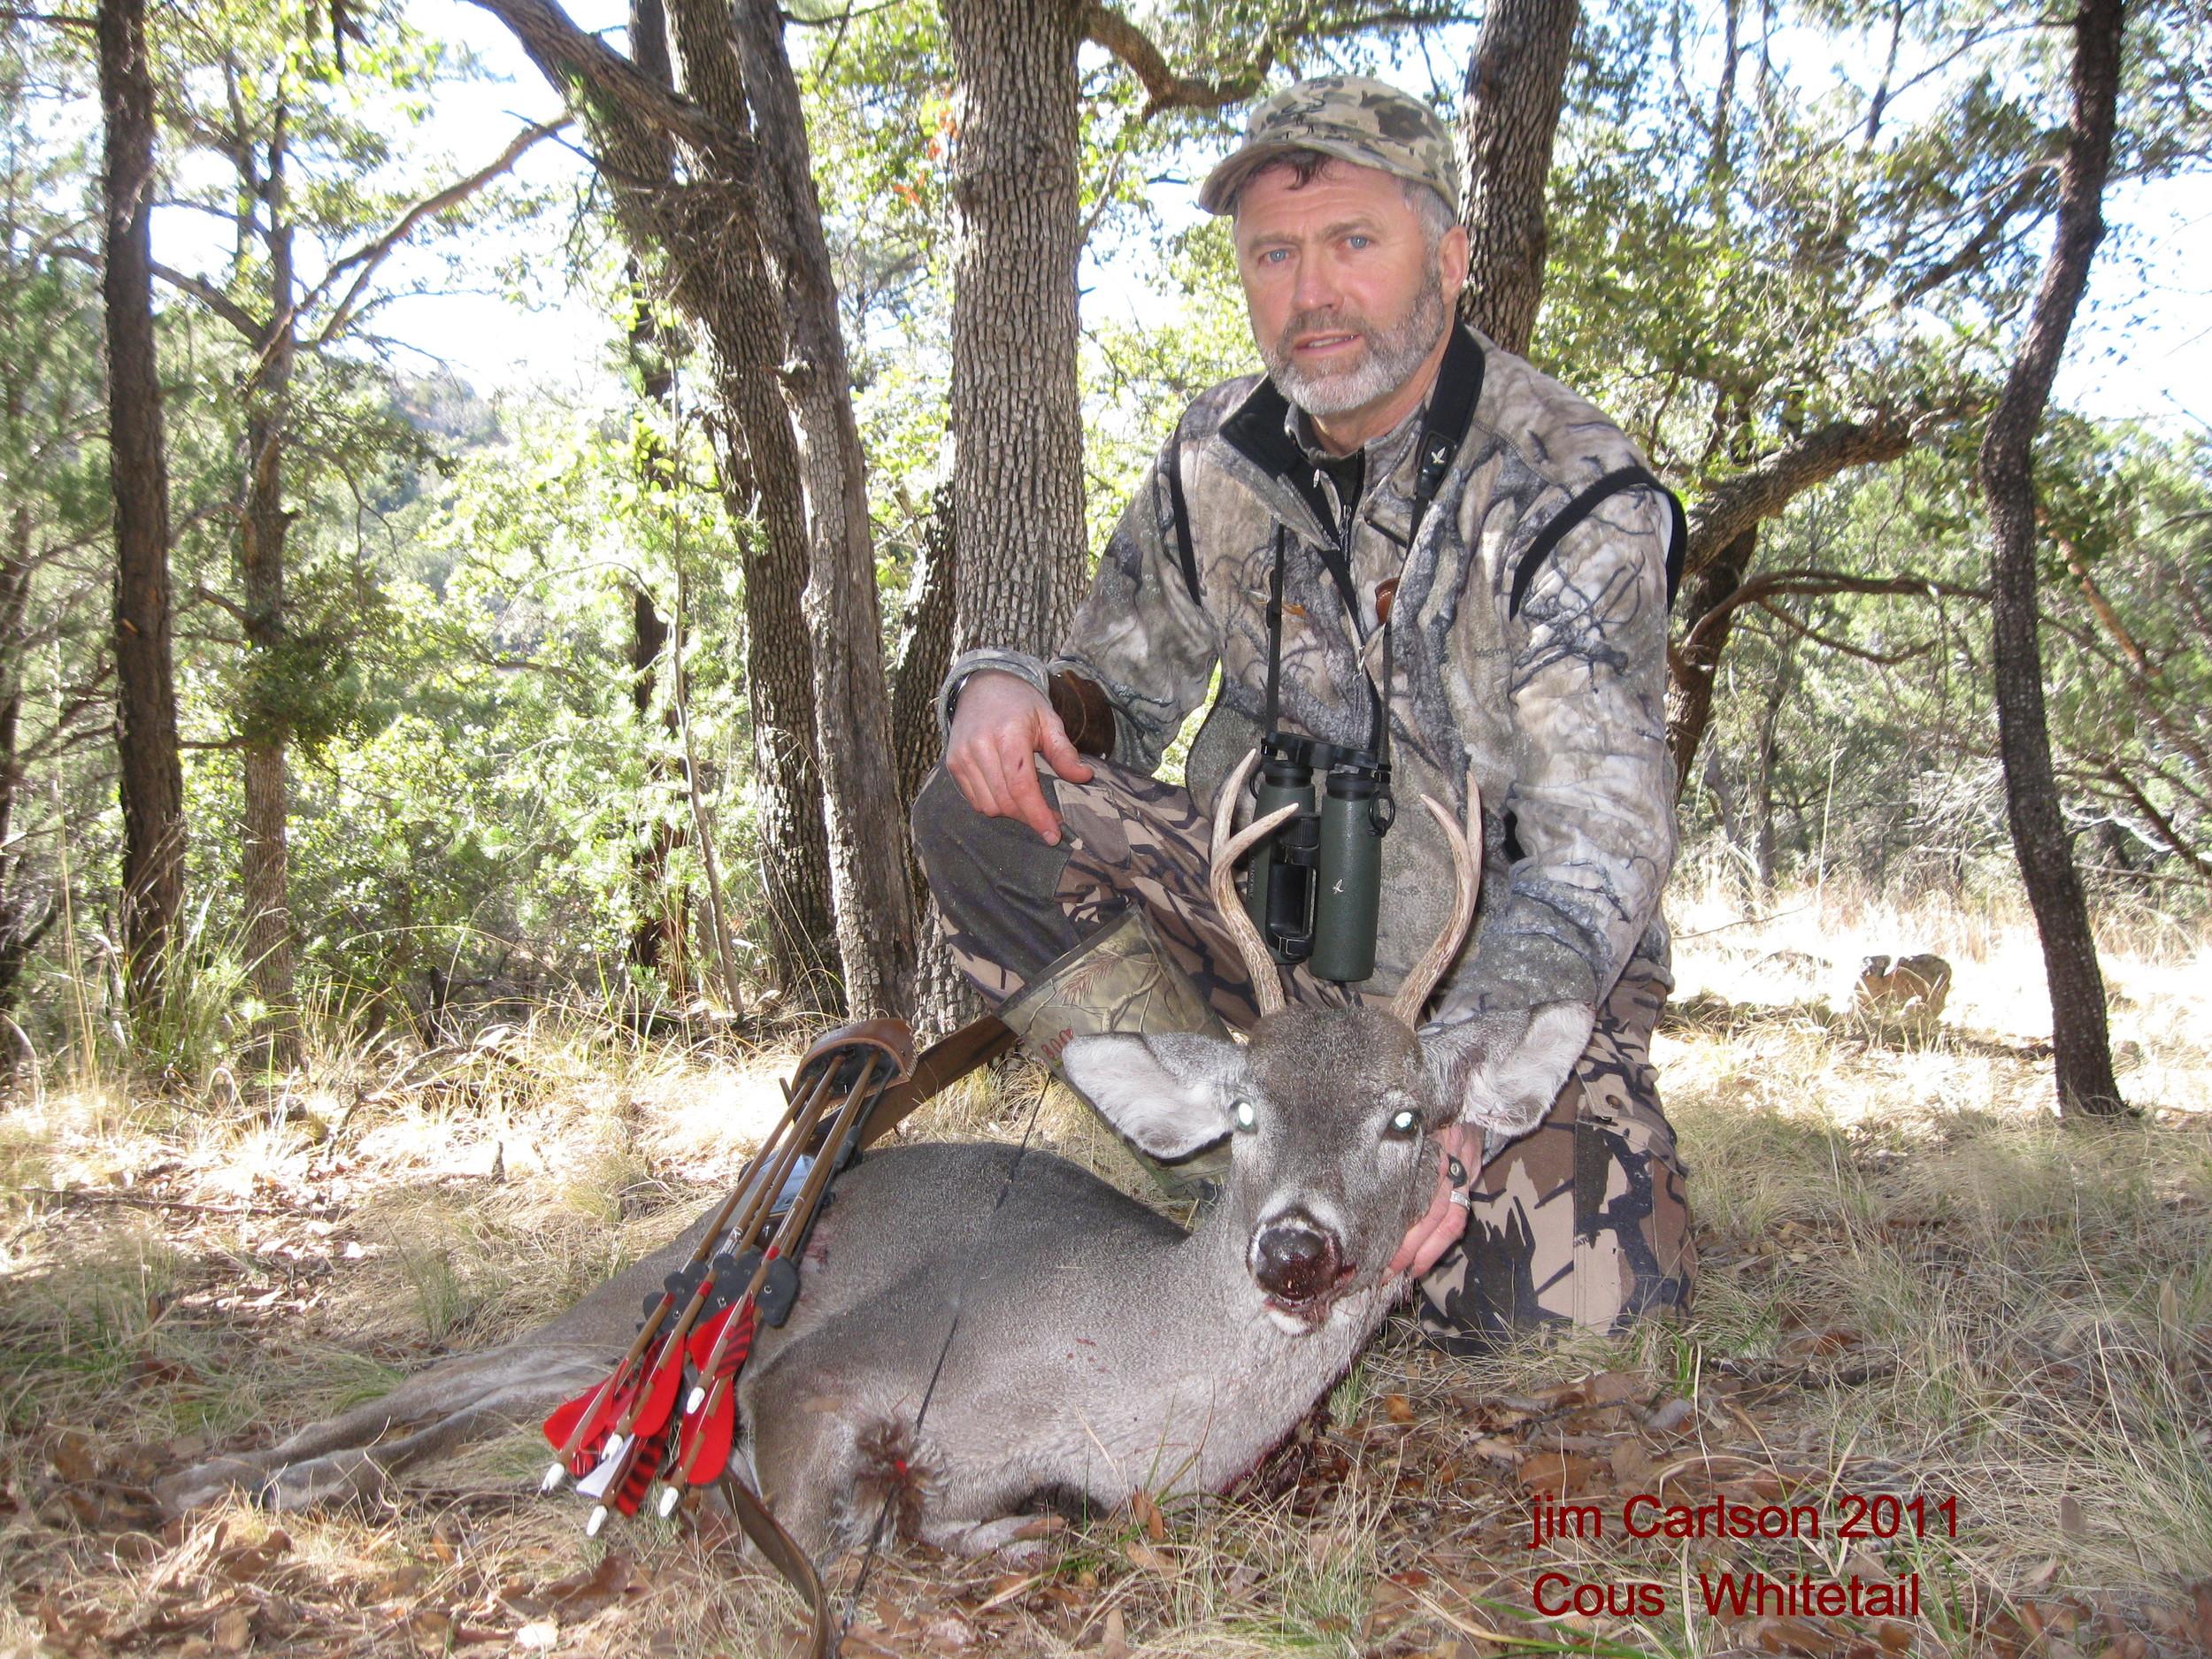 coues deer hunt ariz 2011 160.jpg